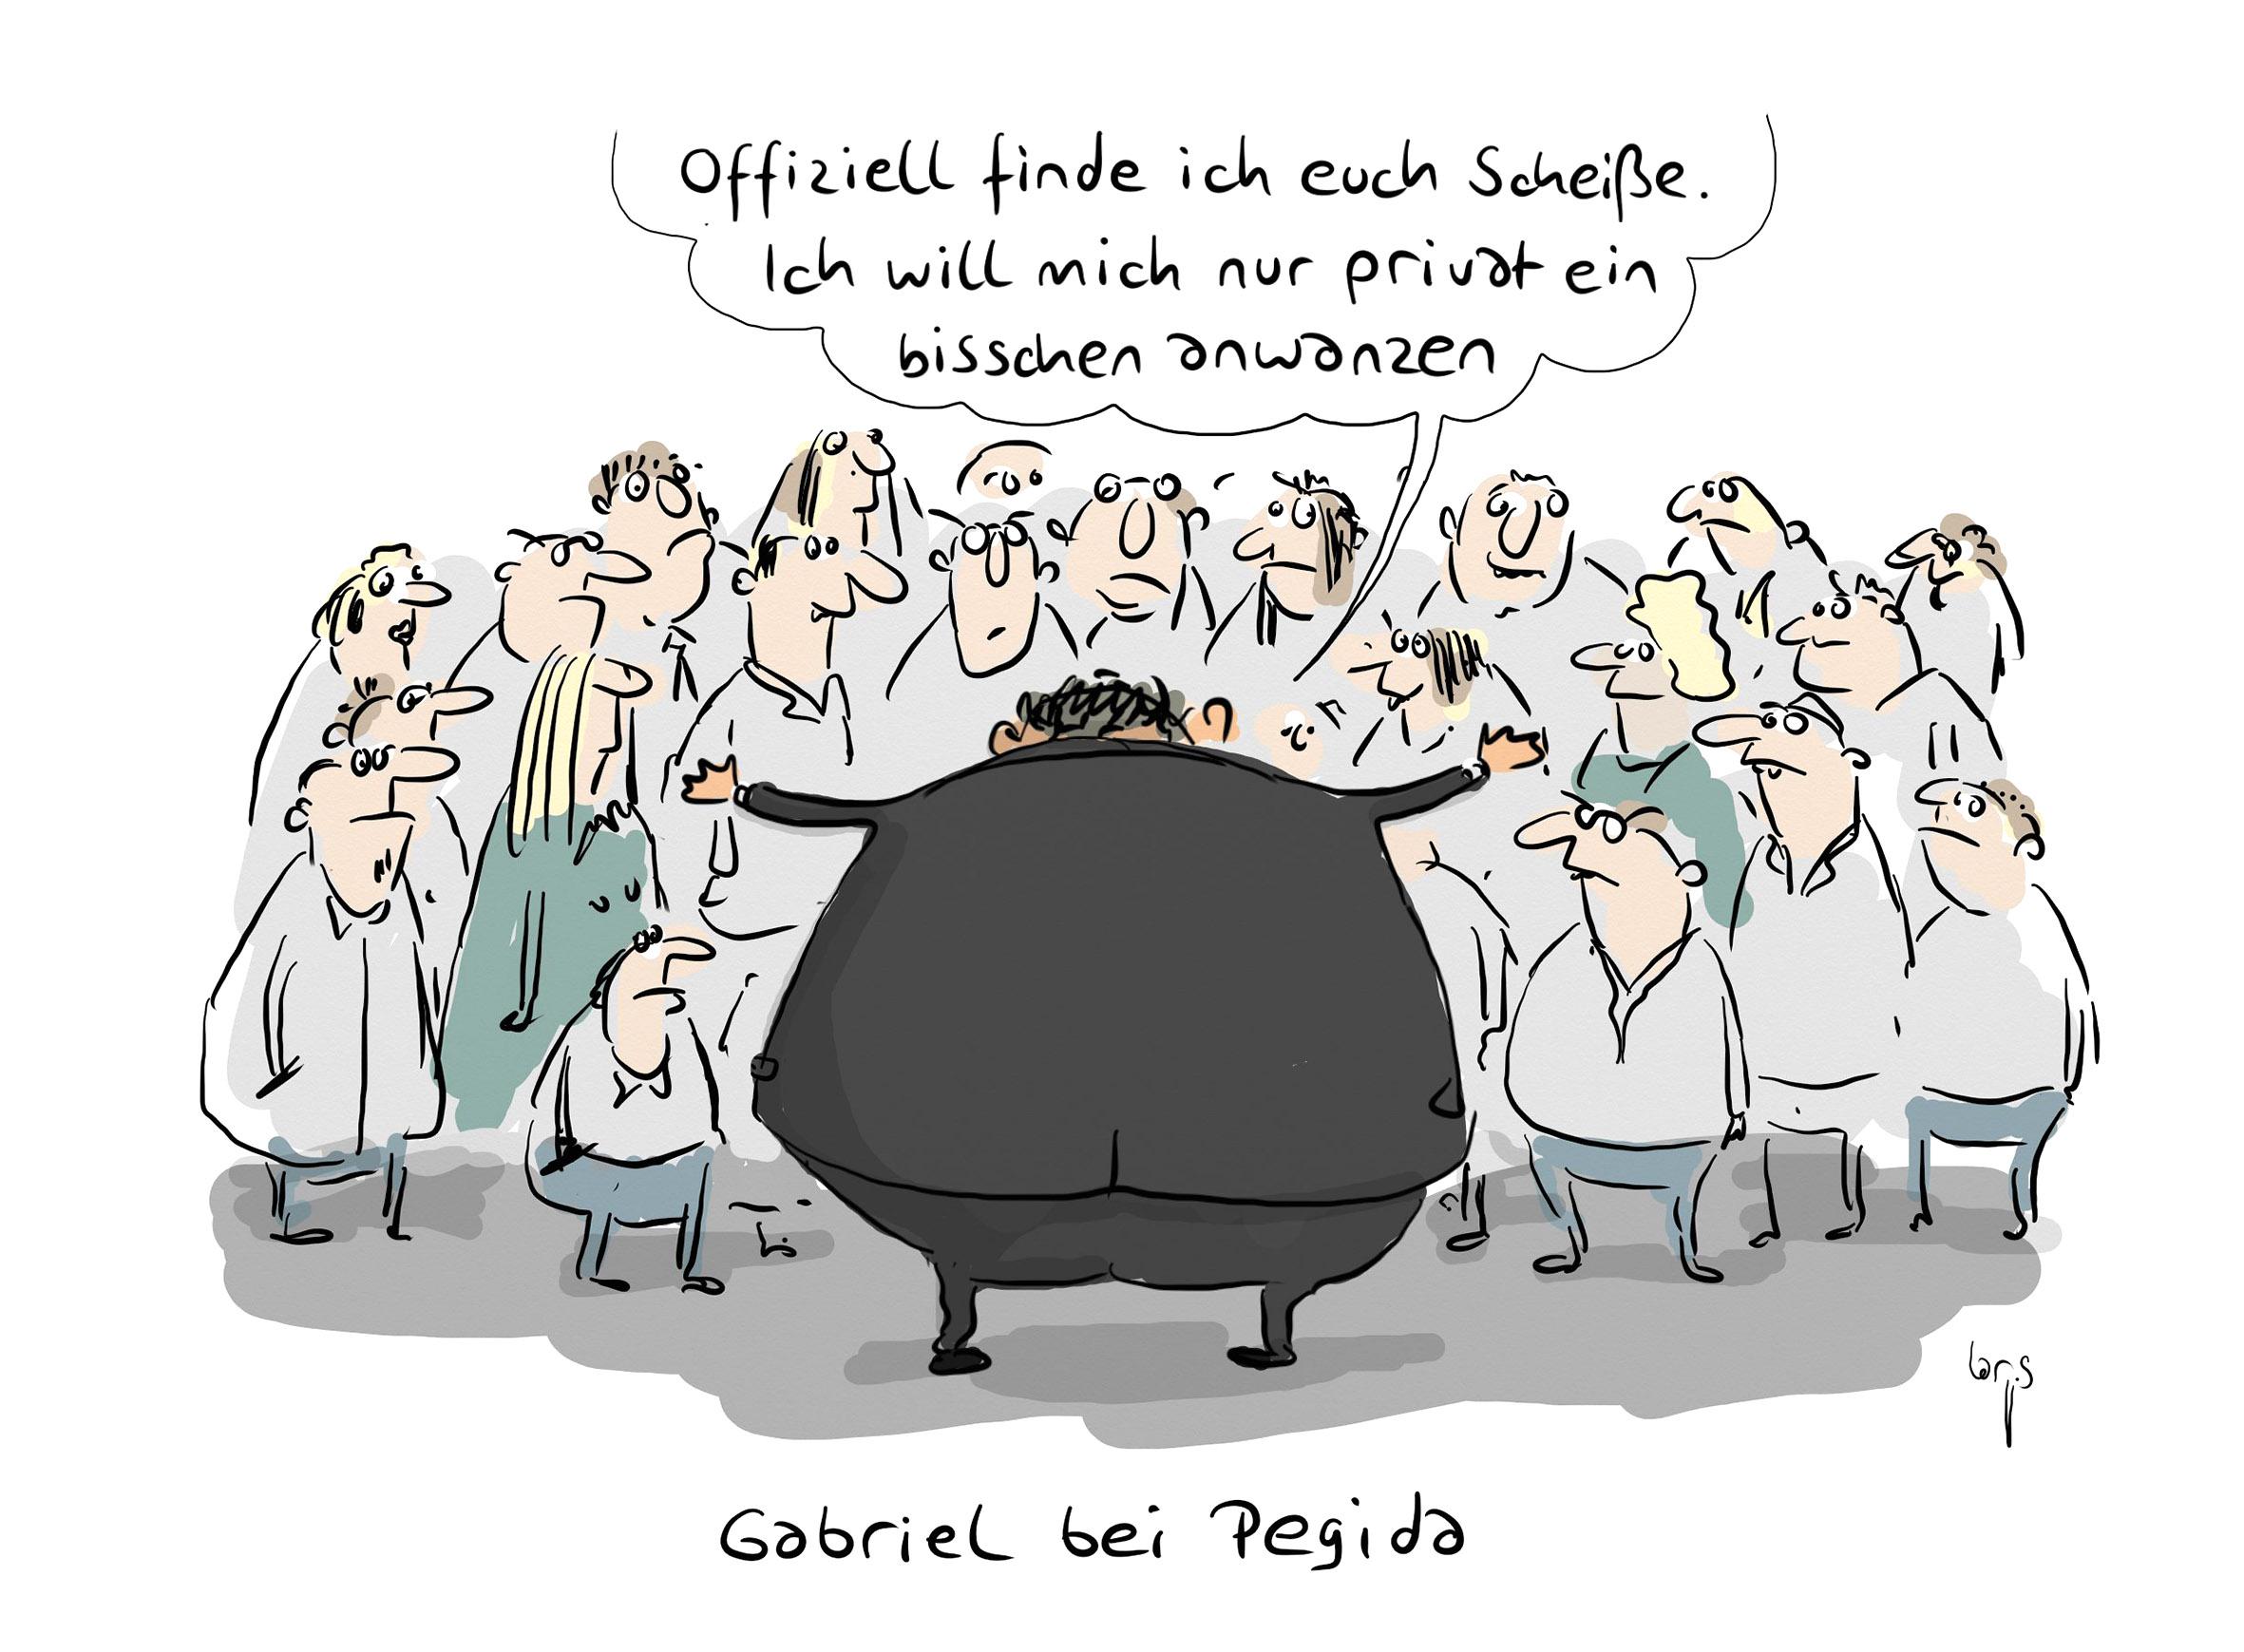 Gabrielpegida